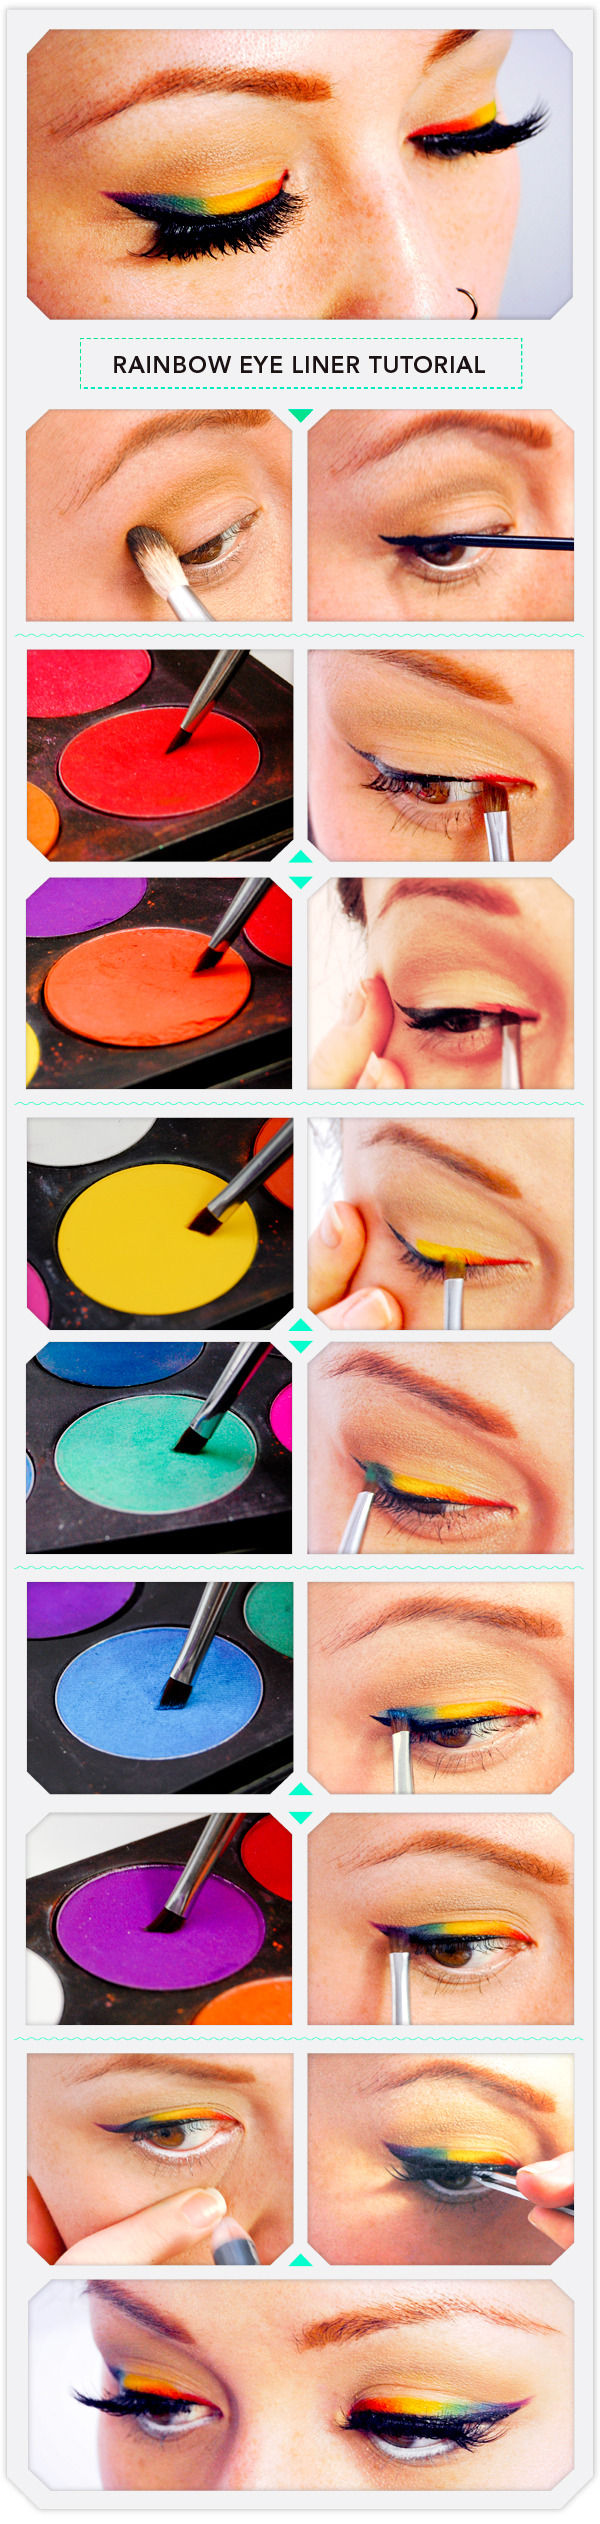 آموزش خط چشم رنگین کمانی